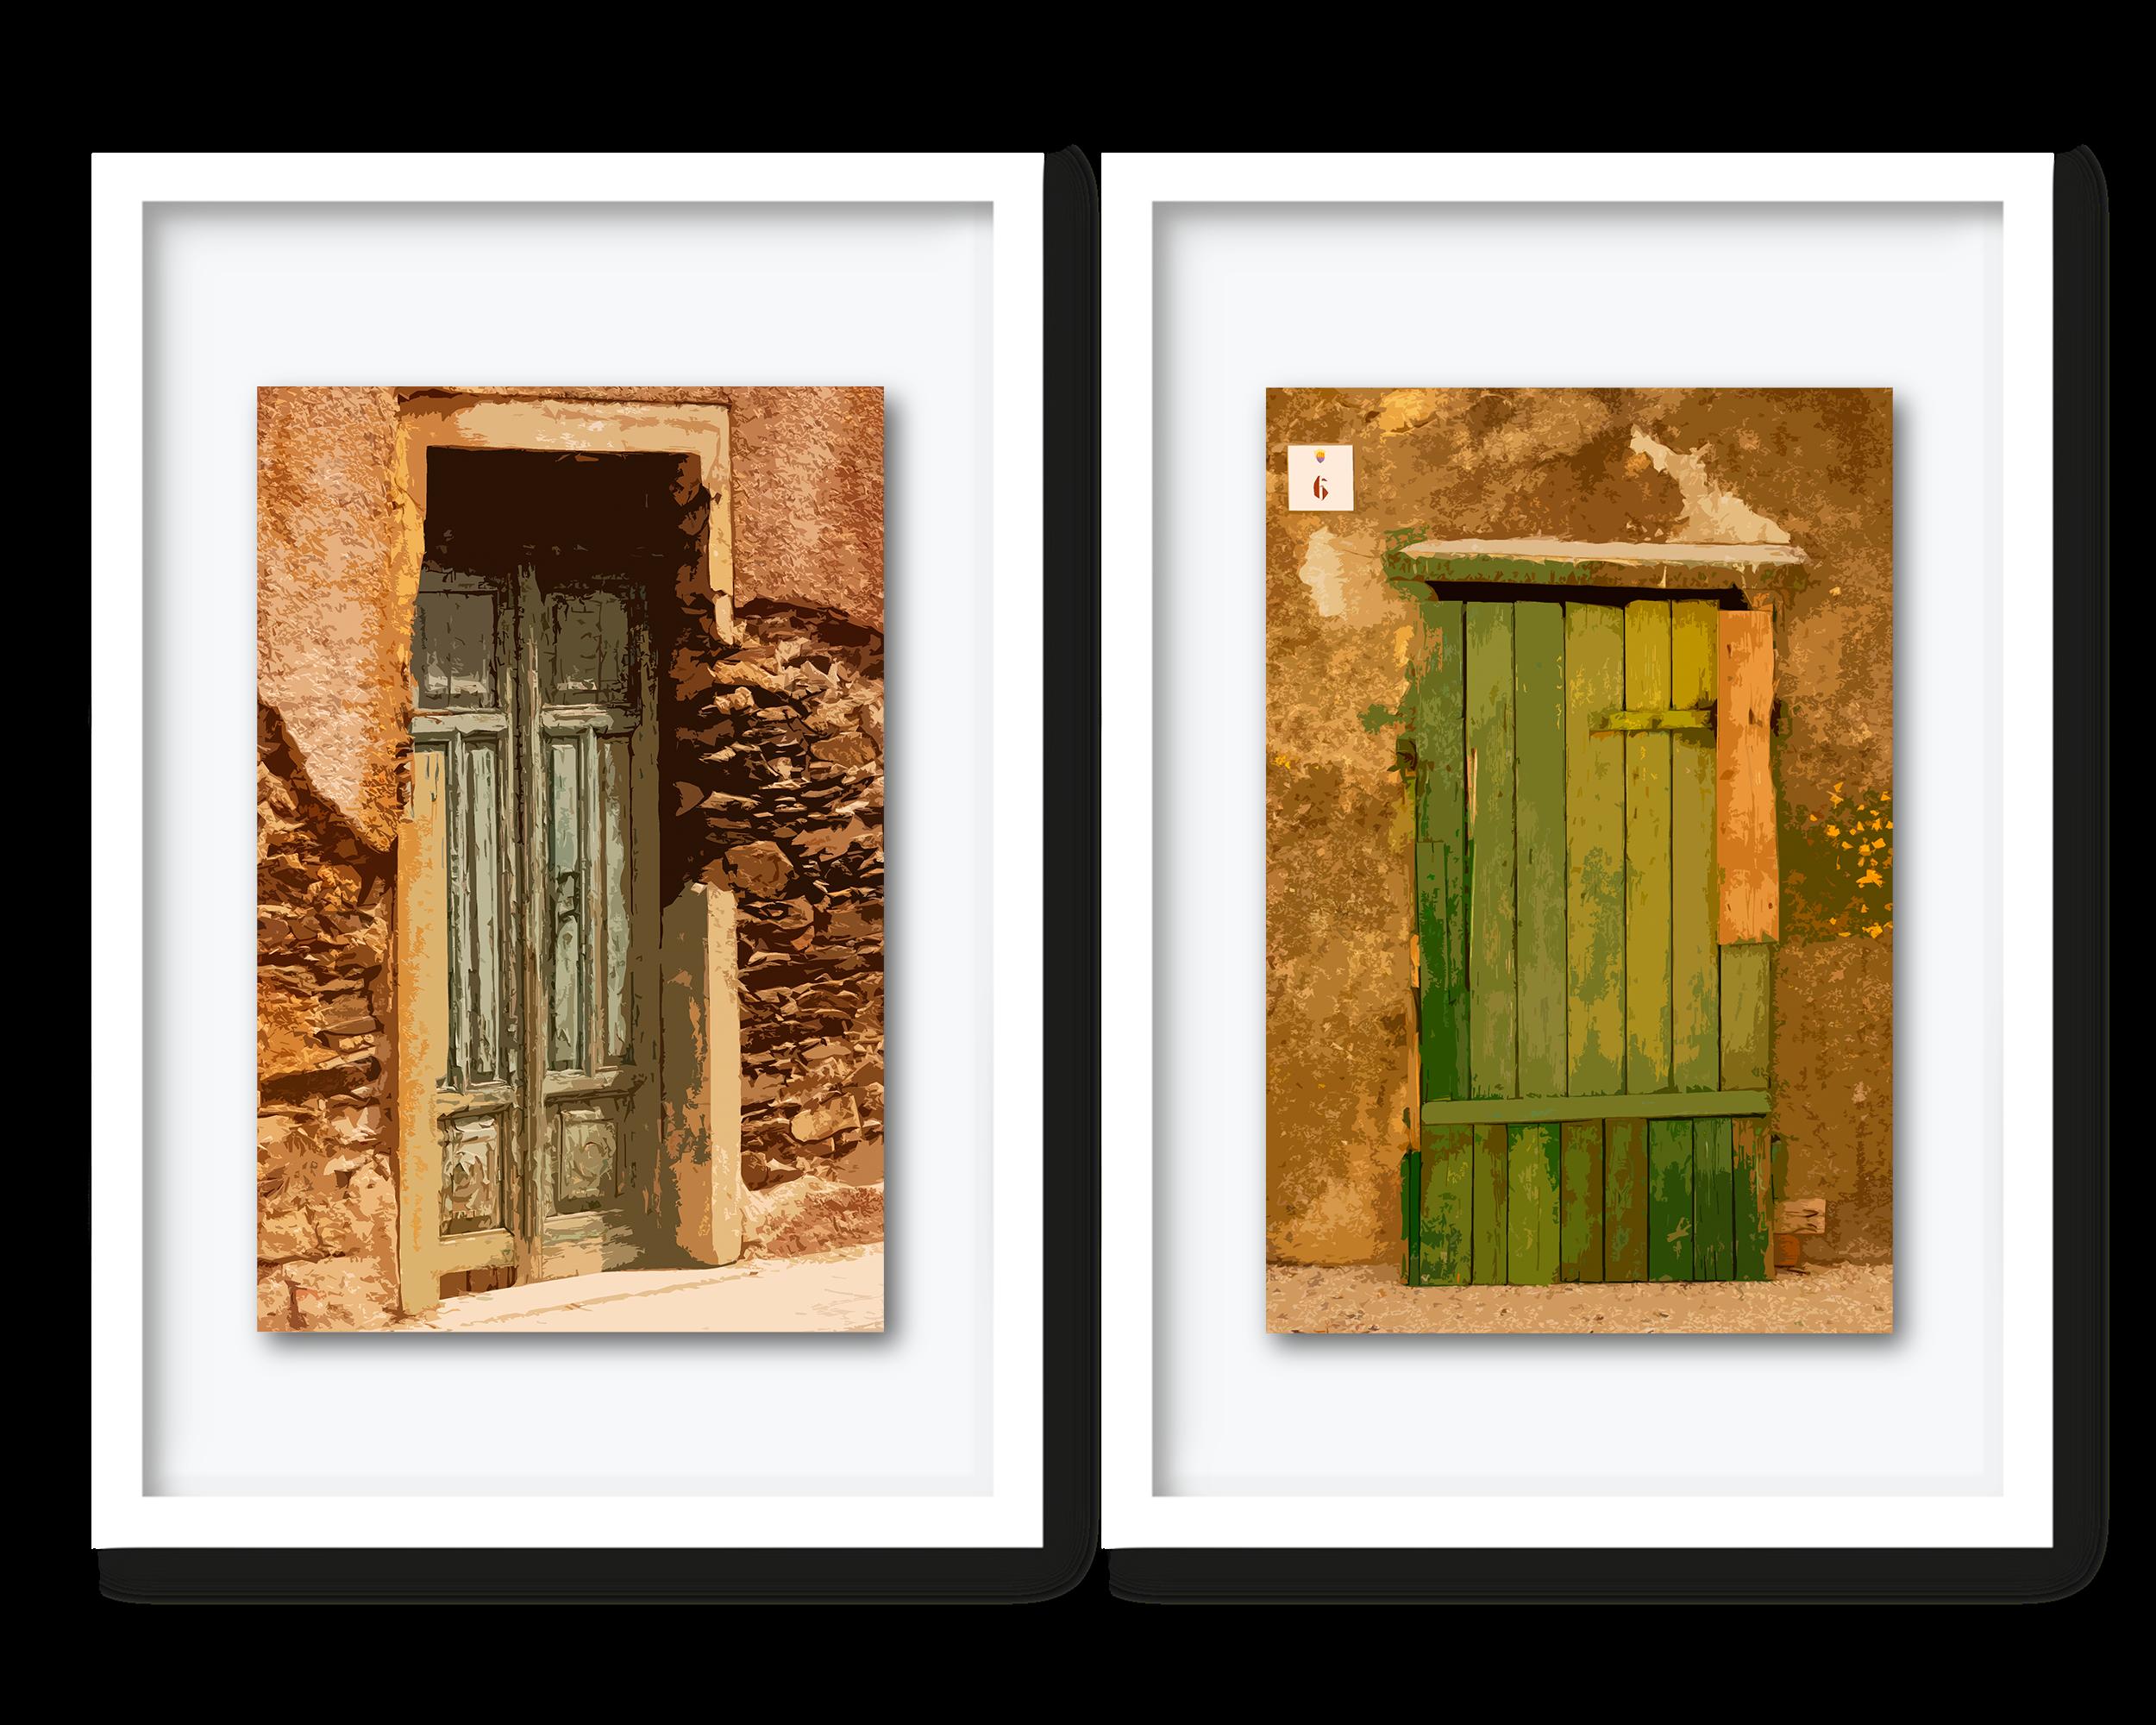 37.david-pearce-doors.png